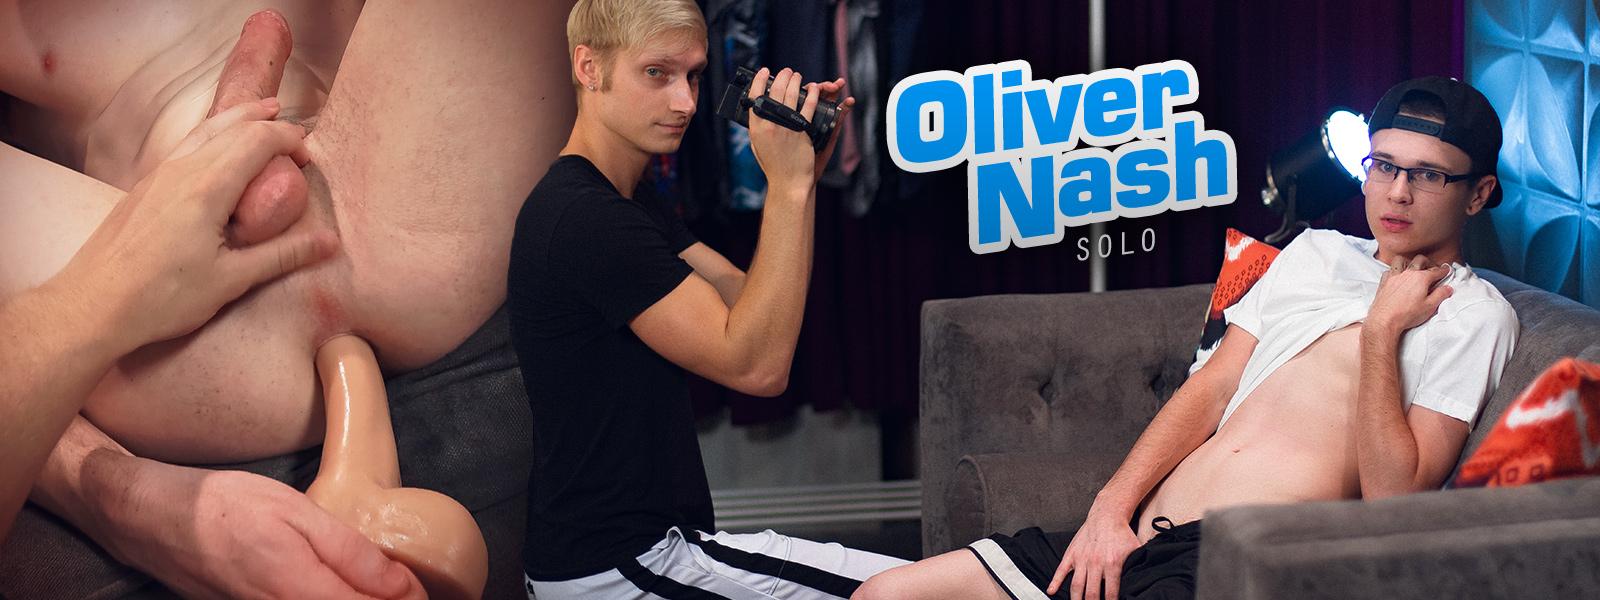 Oliver Nash Solo